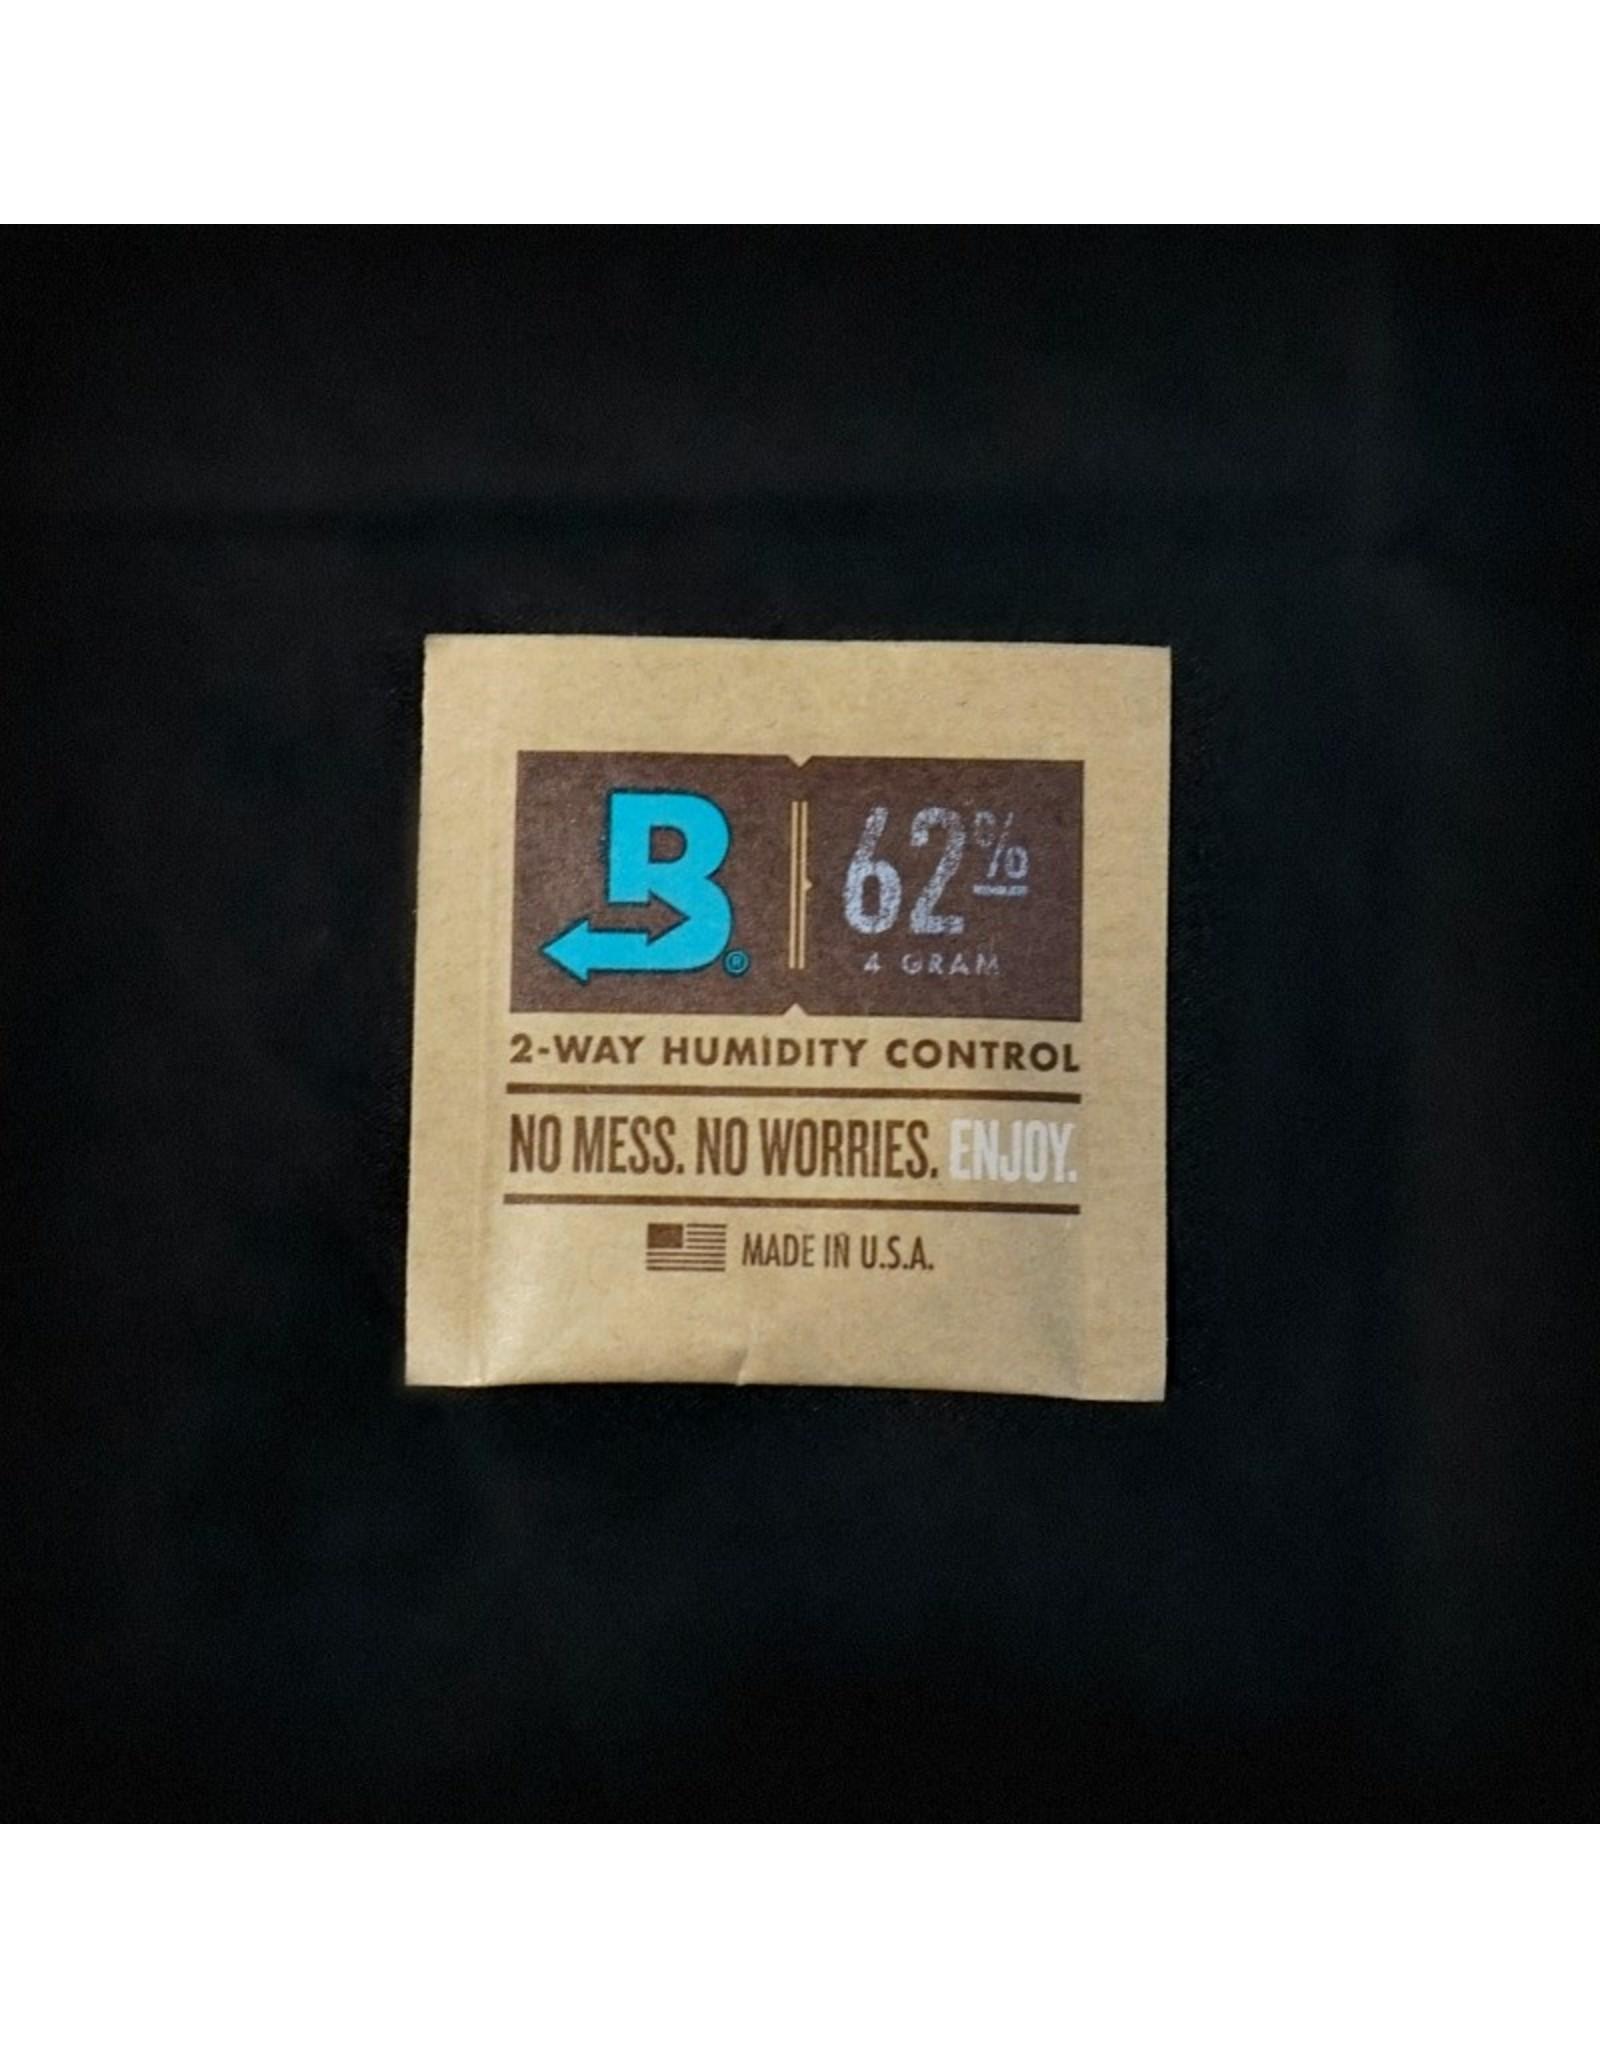 Boveda Humidipack 62% 4g